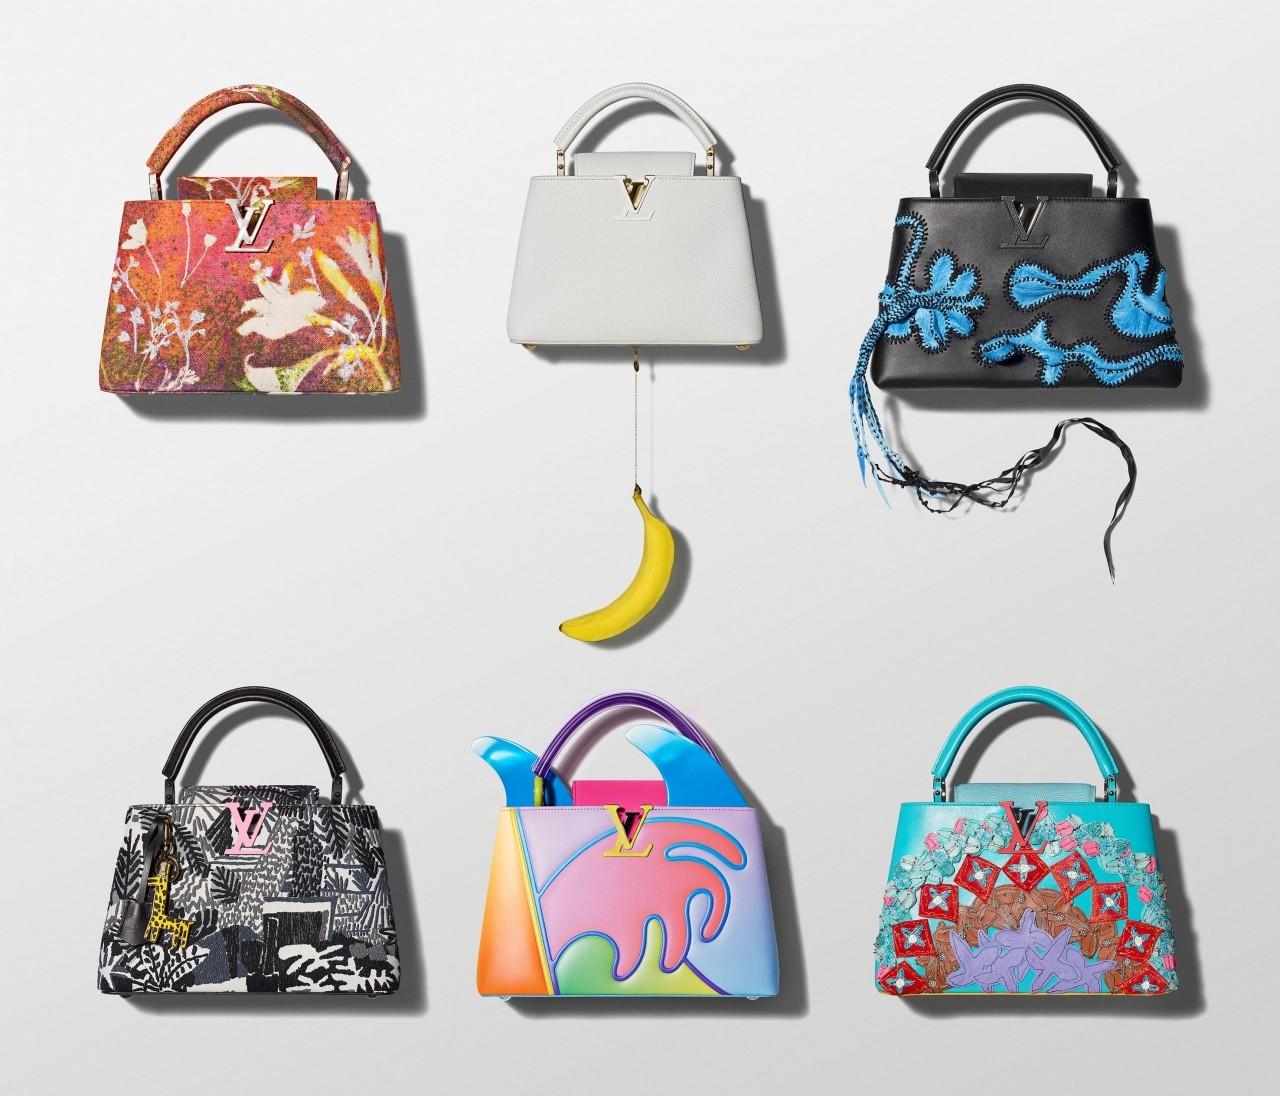 人気バッグがコラボ【ルイ・ヴィトン(LOUIS VUITTON)】カプシーヌと6人のアーティストたち